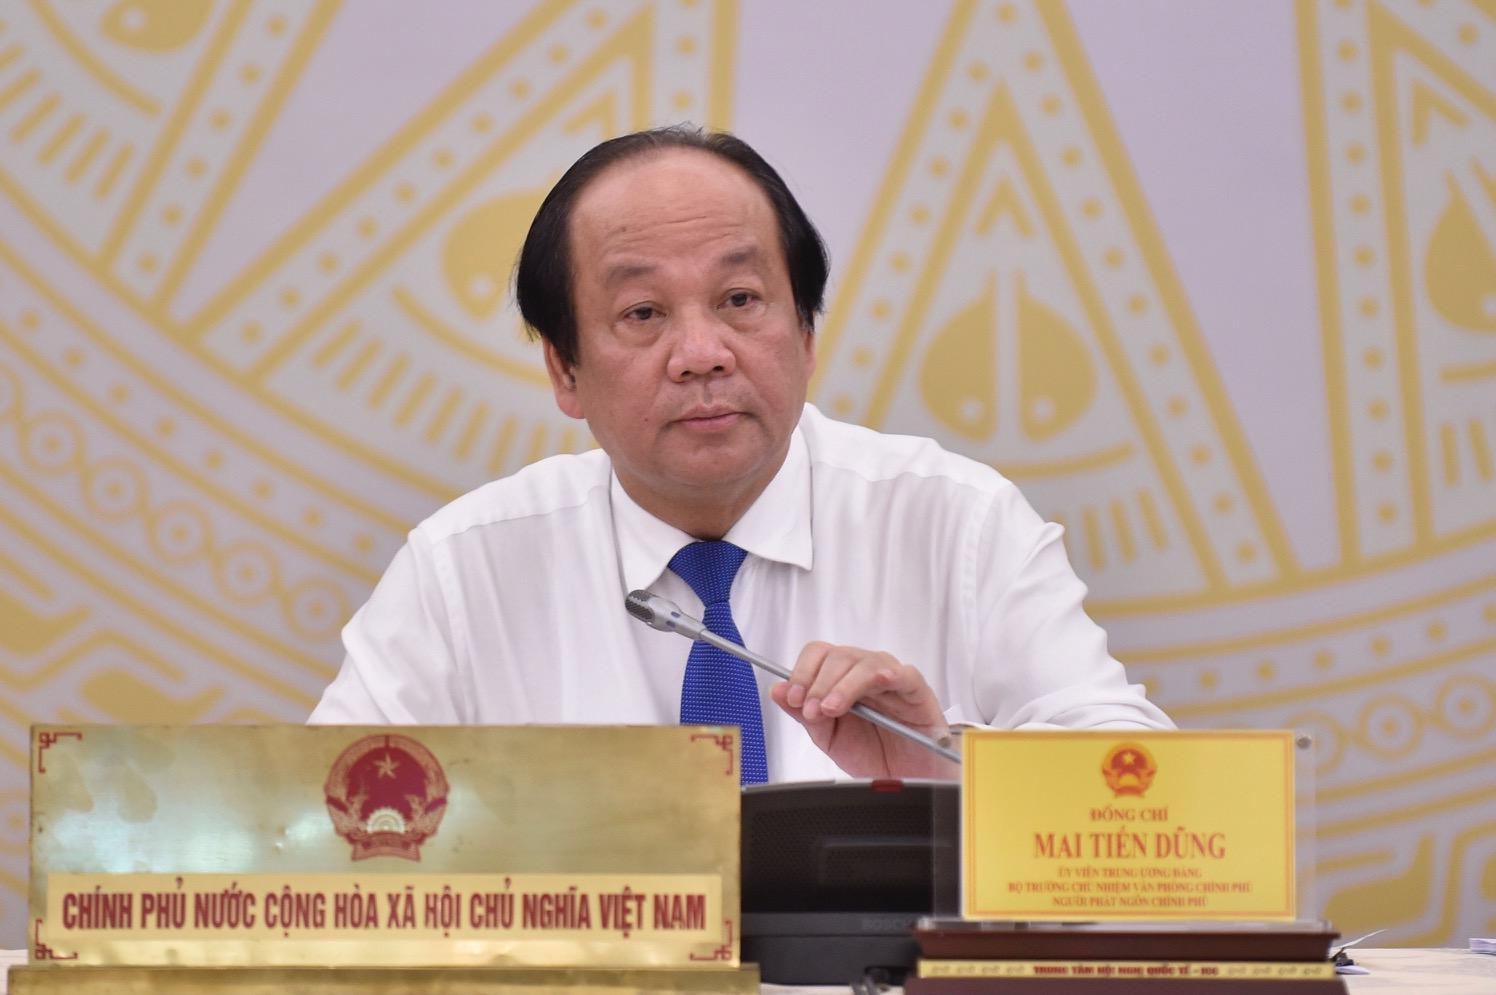 国际组织积极评估越南经济前景